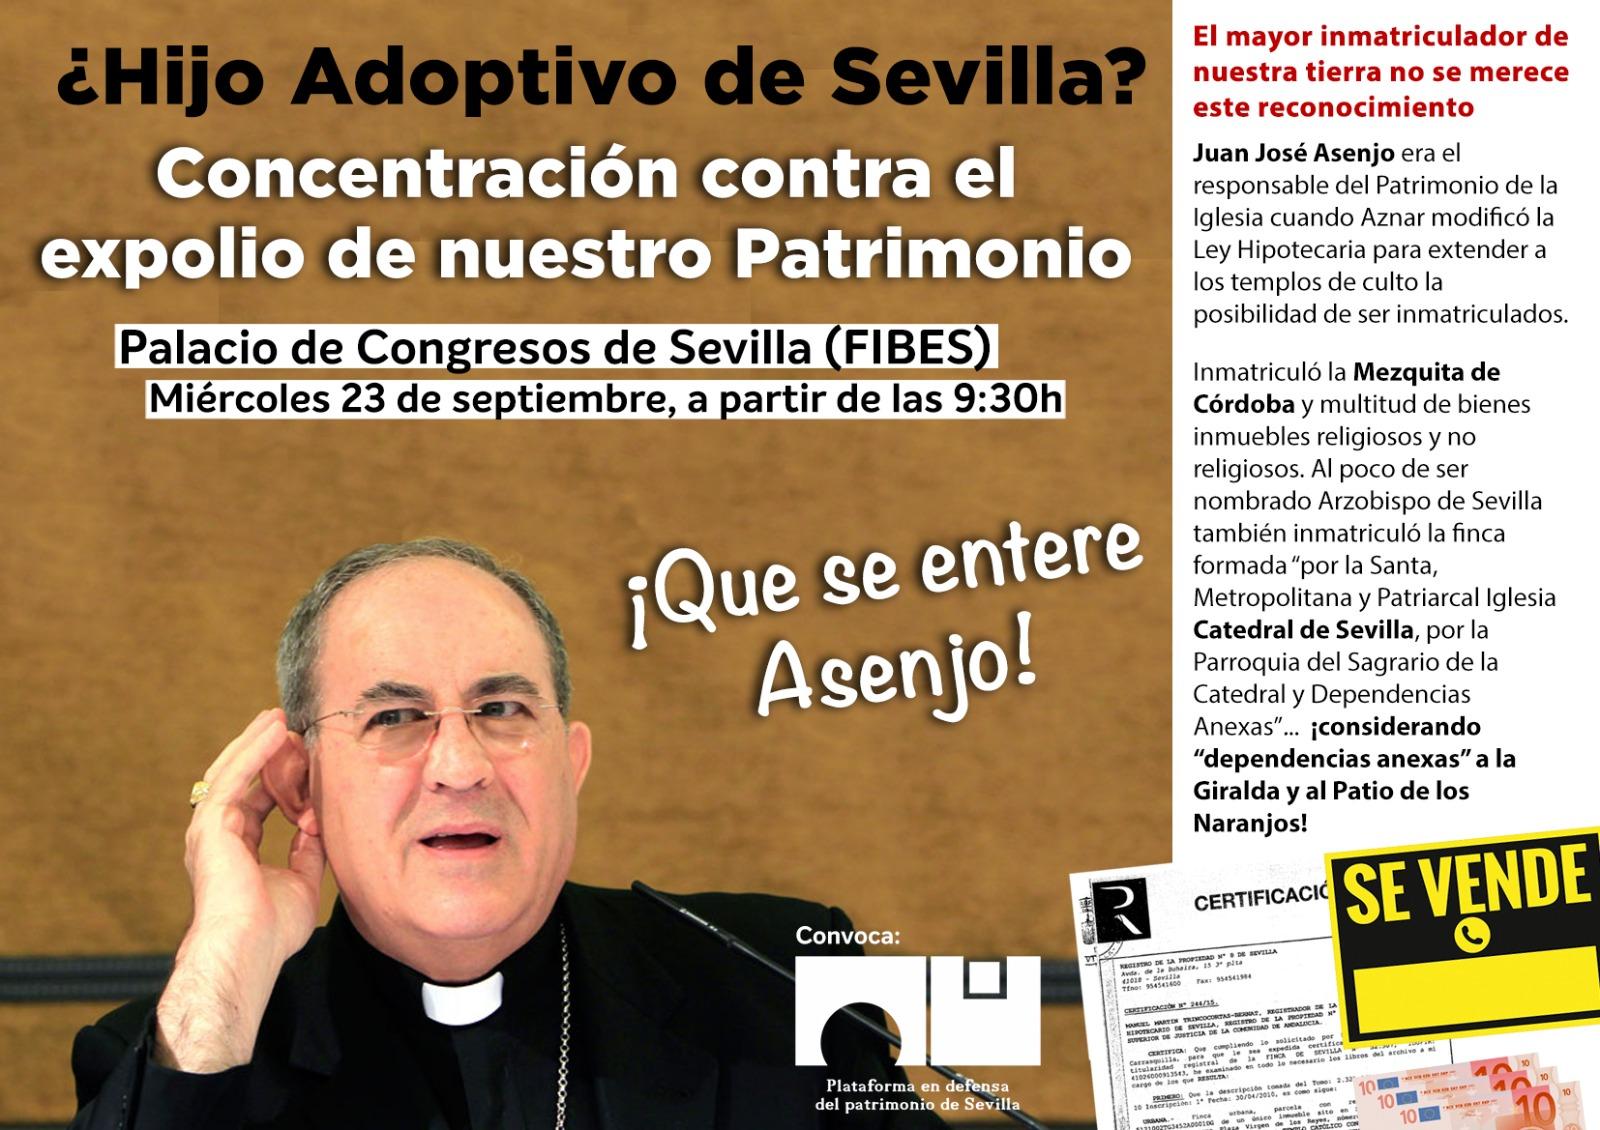 CONCENTRACIÓN CONTRA EL EXPOLIO DE NUESTRO PATRIMONIO. Plataforma en defensa patrimonio de Sevilla.